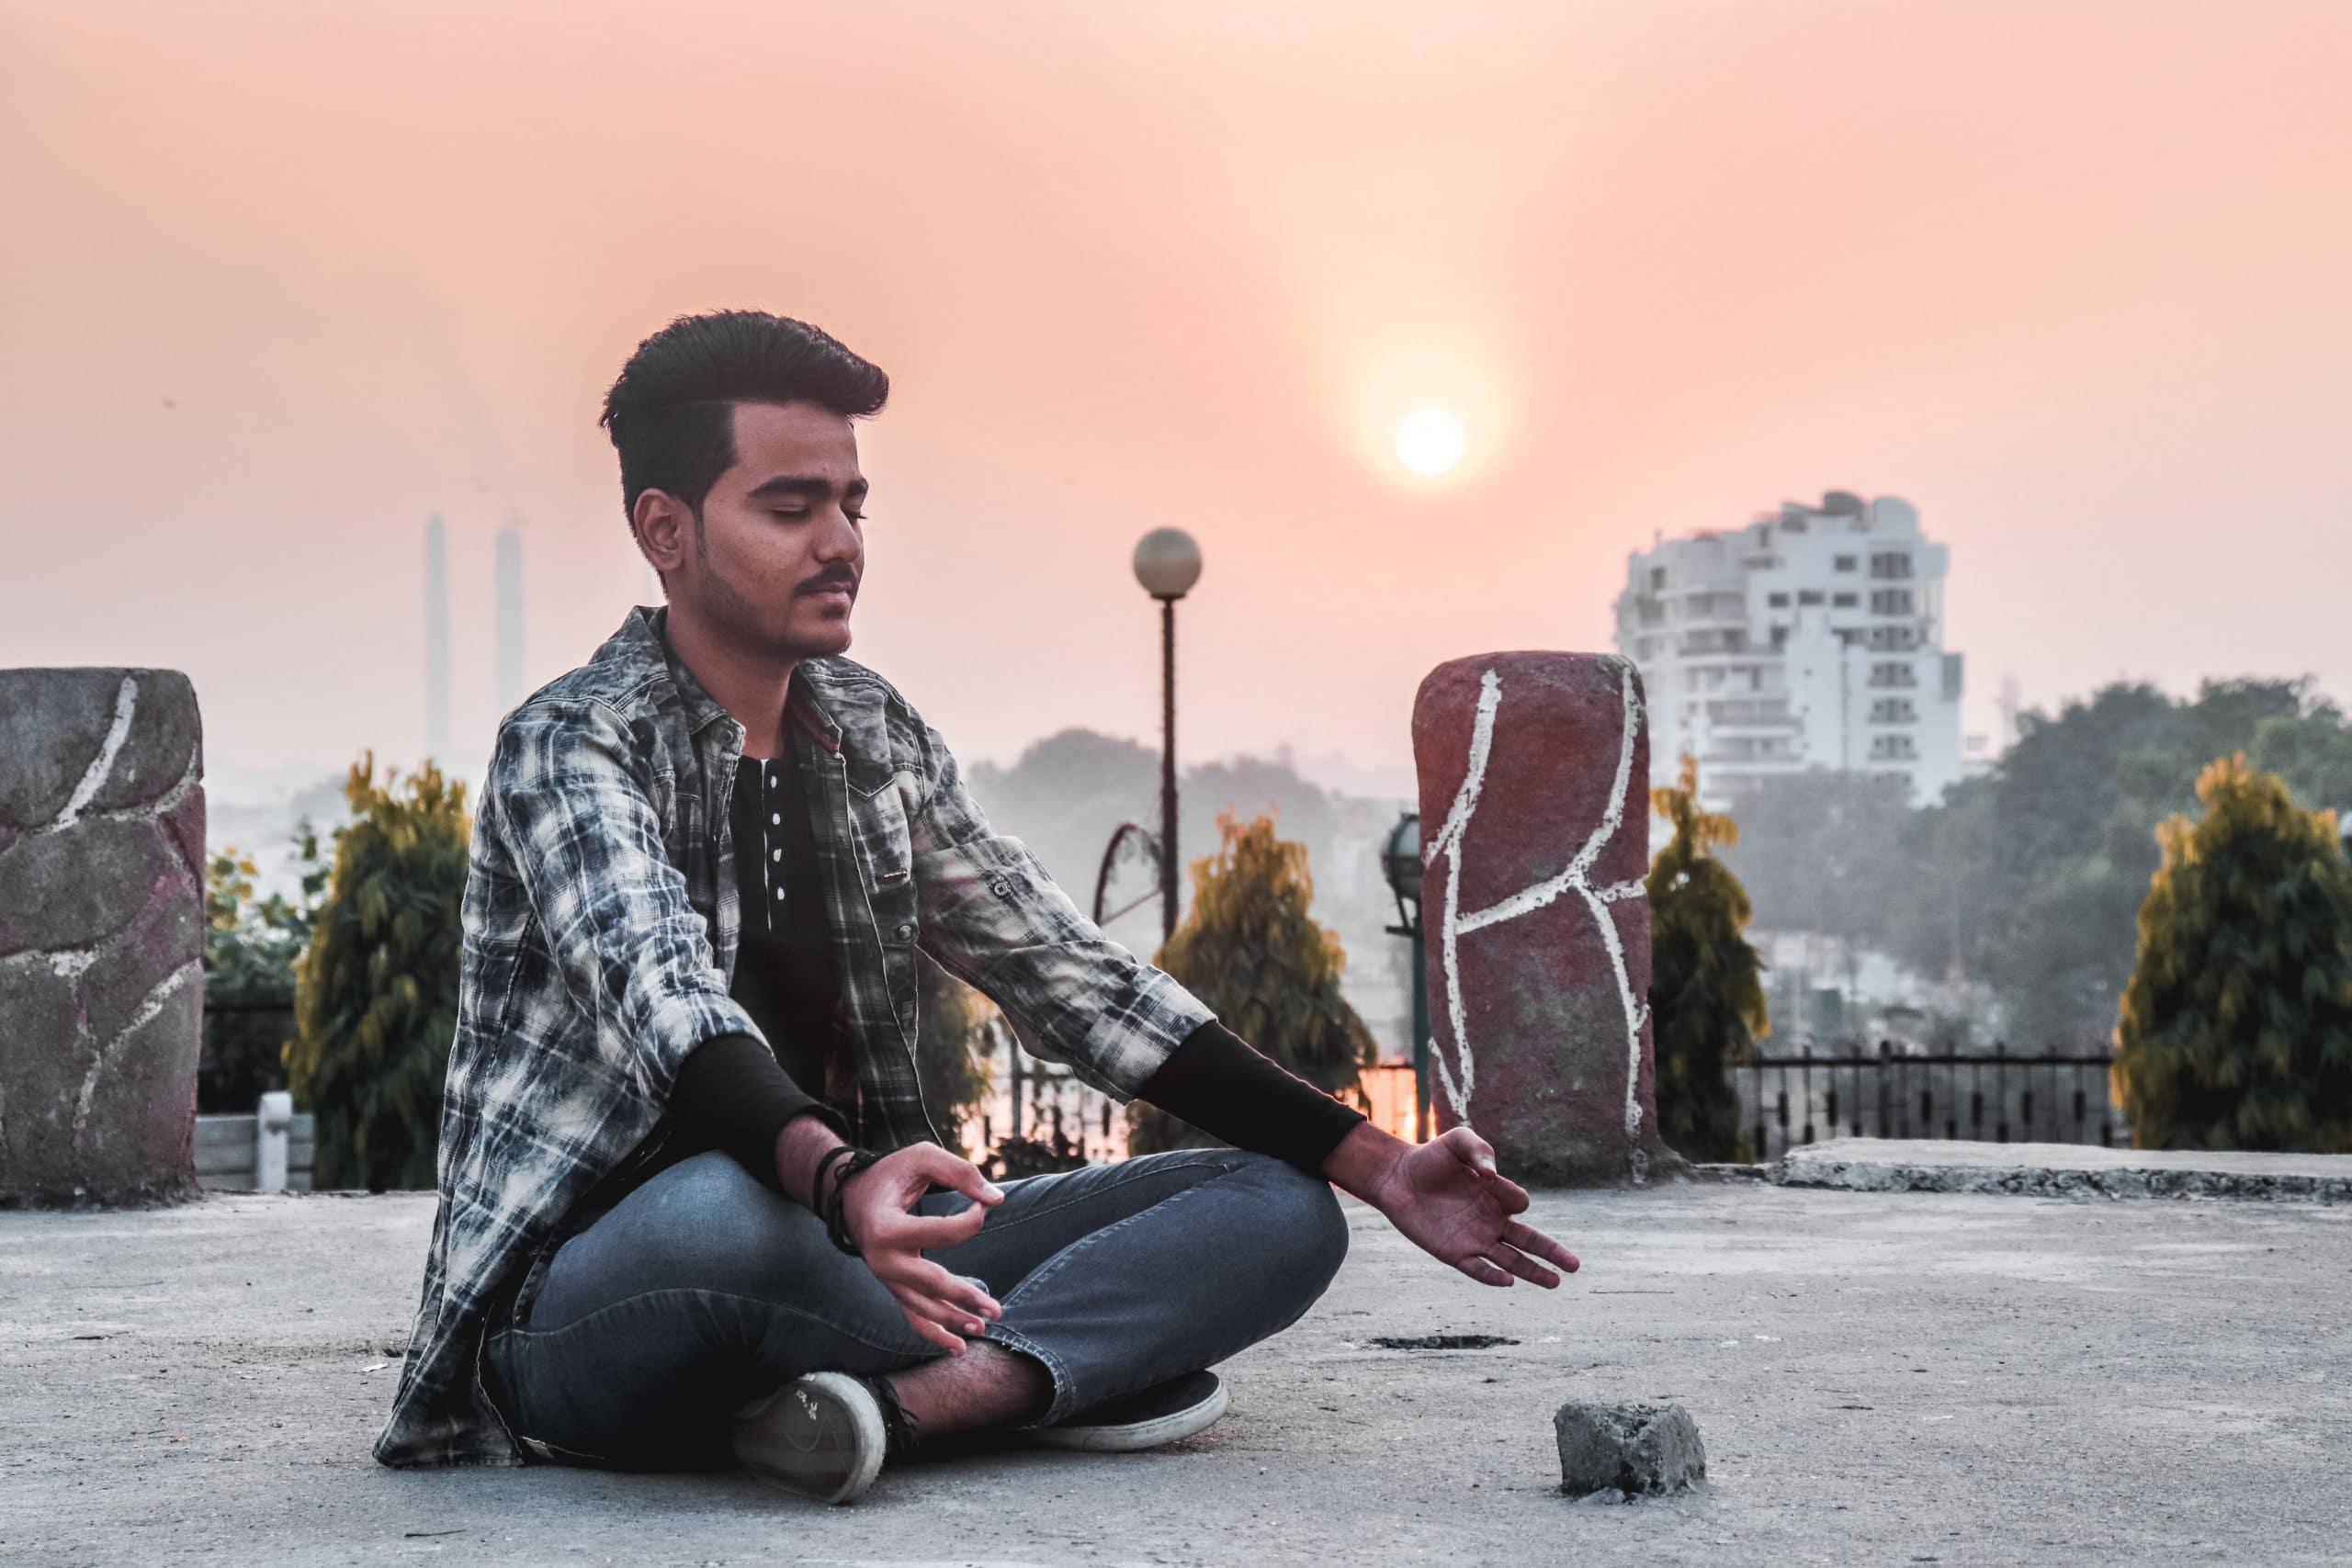 Homem meditando em cidade.